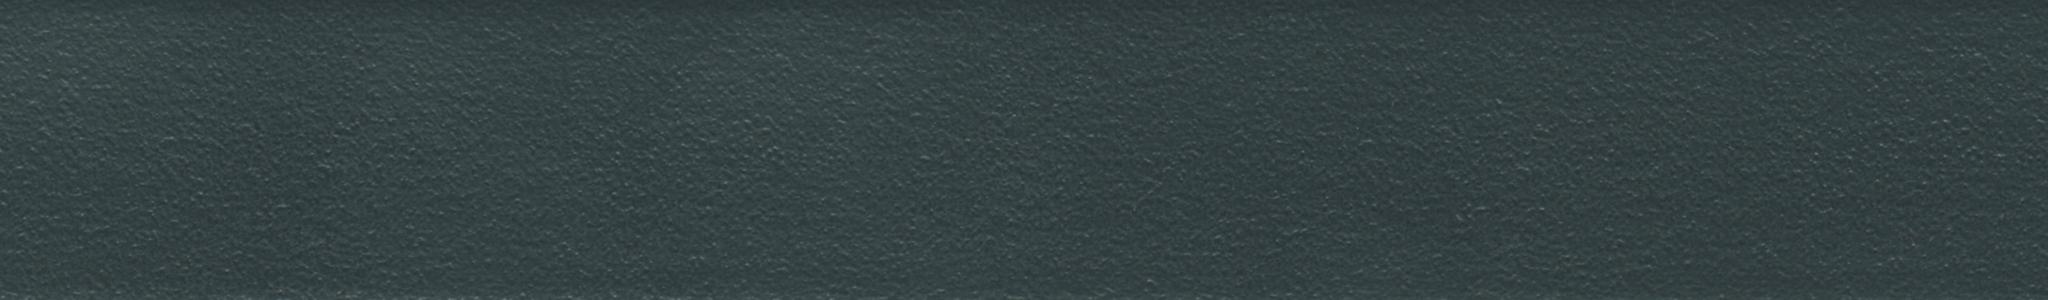 HU 170961 ABS hrana šedá perla jemná 107